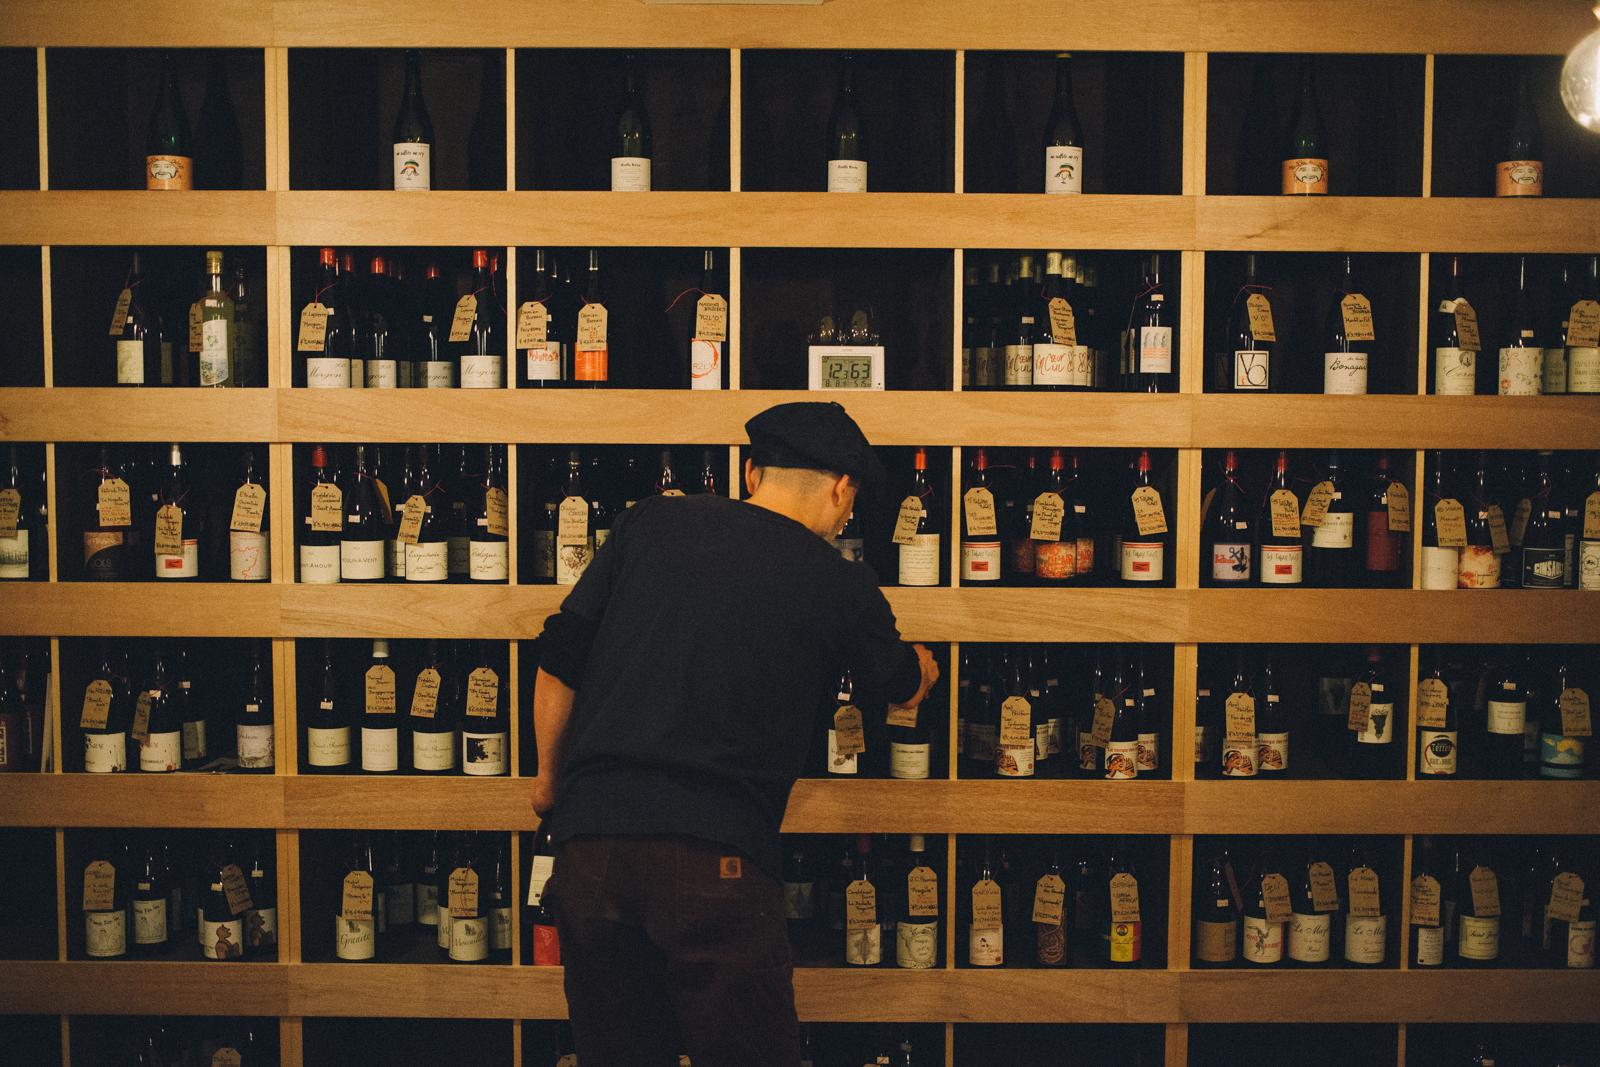 代々木上原 西原 幡ヶ谷 自然派ワイン ヴァン・ナチュール  ワインショップ flow